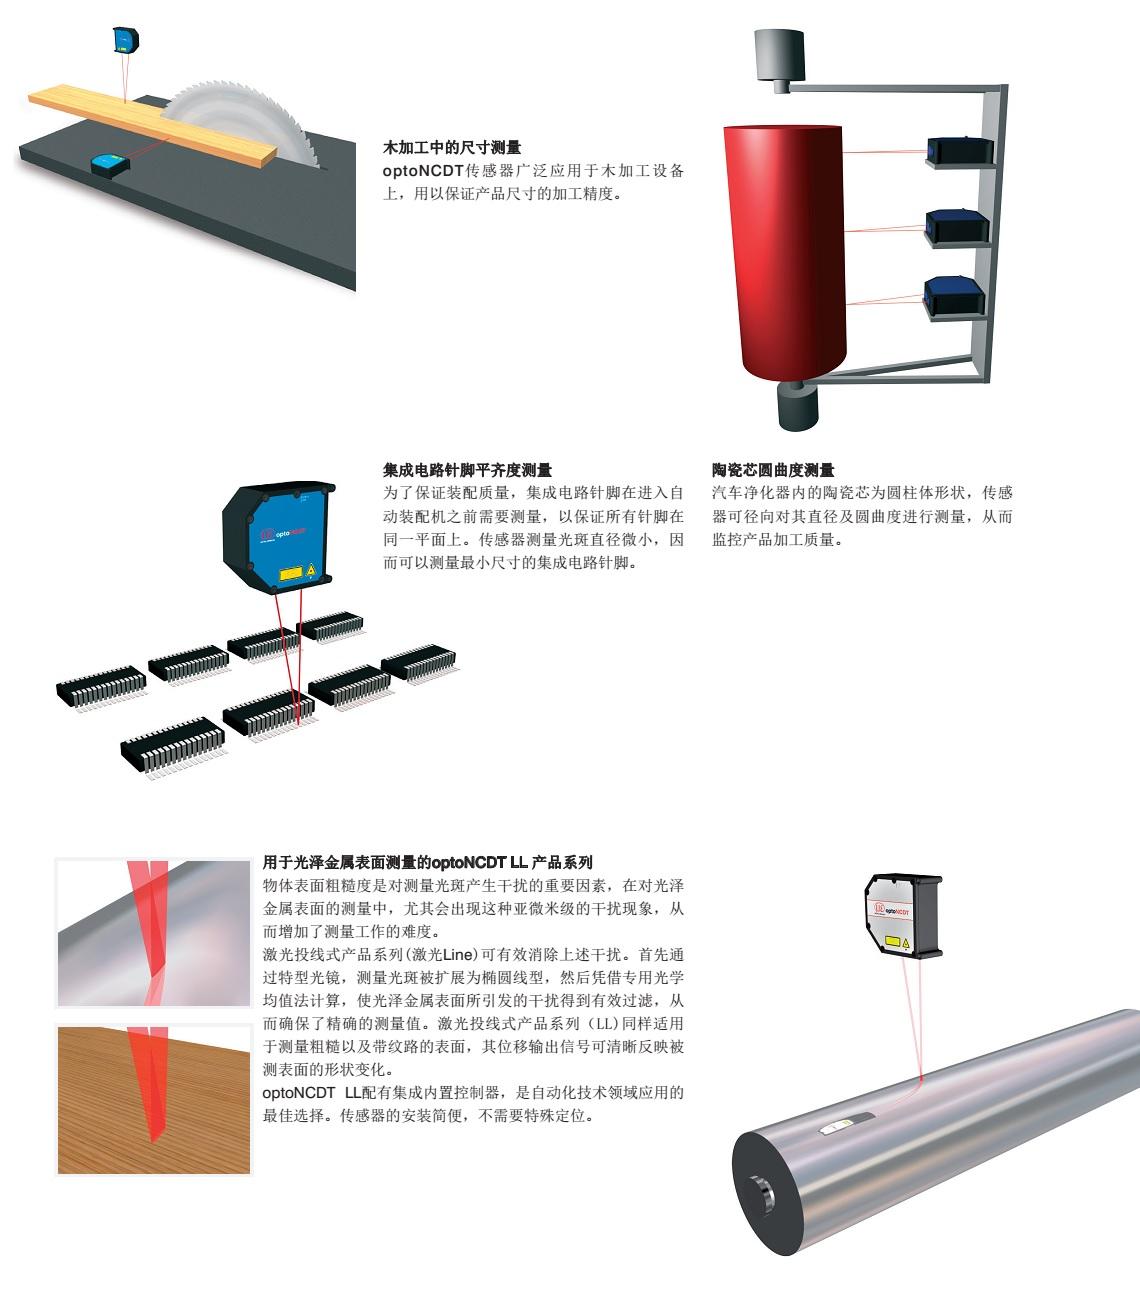 激光位移传感器应用案例